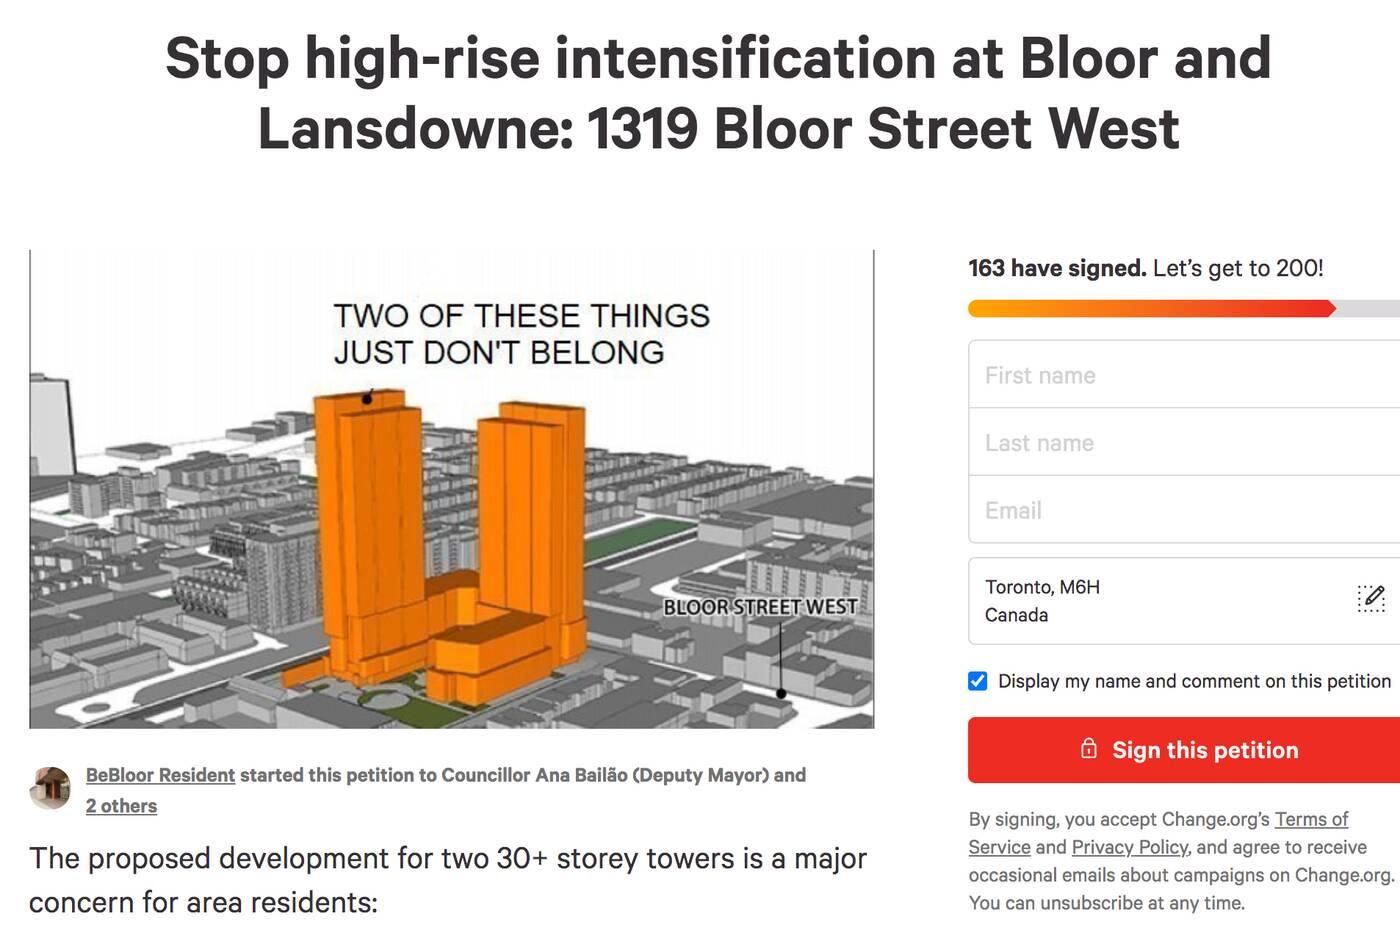 1319 bloor street west